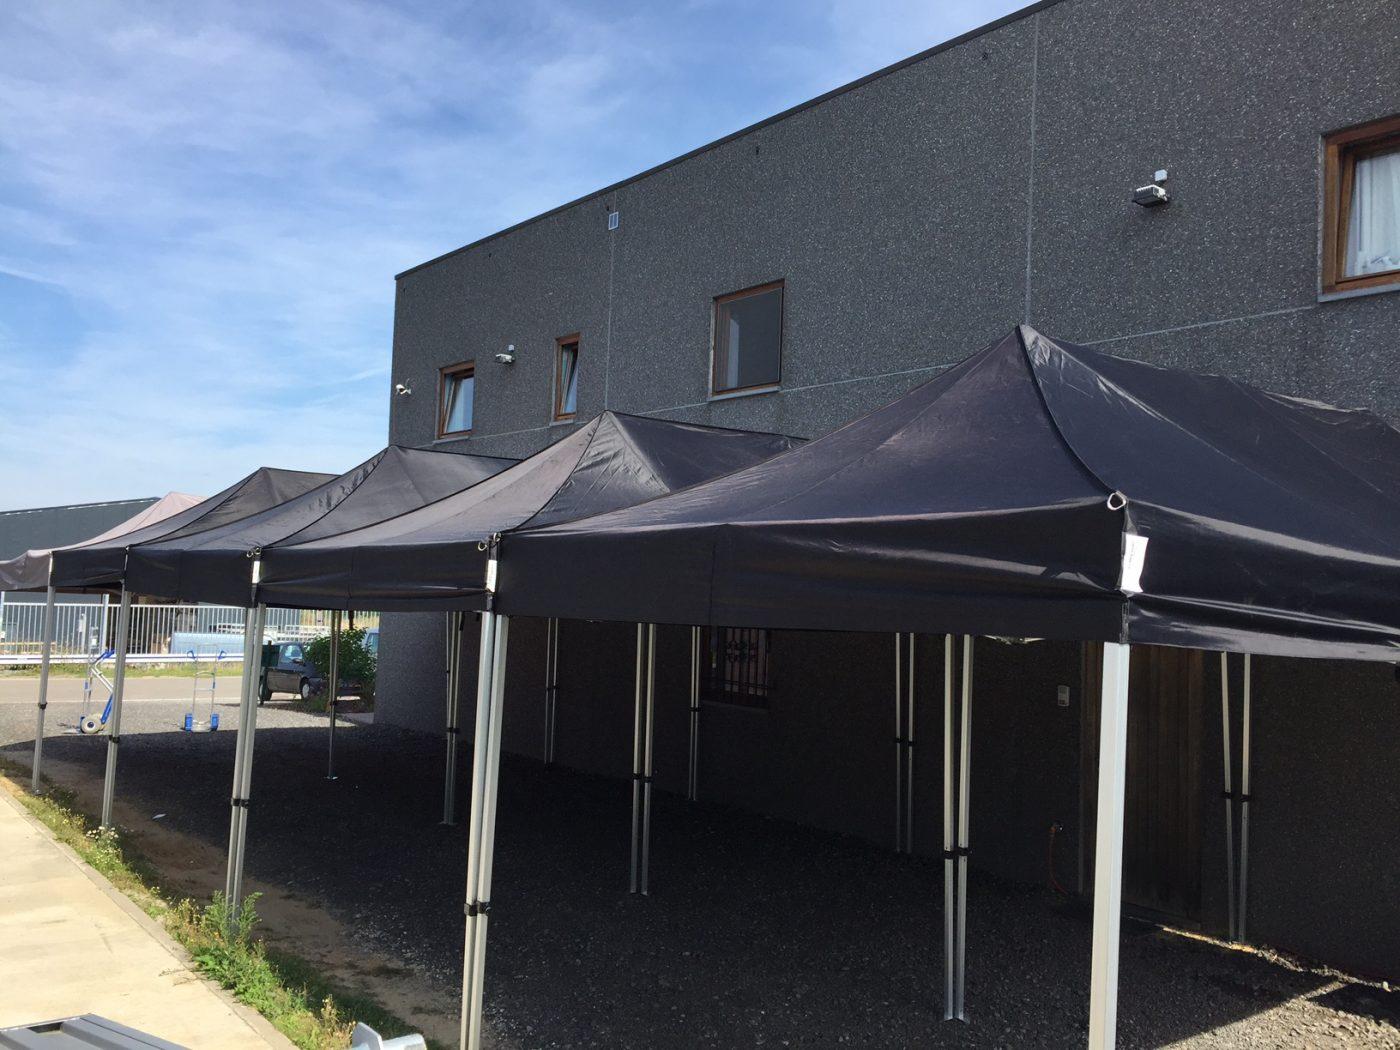 Canopy 6x3m taupe tonnelle en location ml locations - Location de tonnelle ...